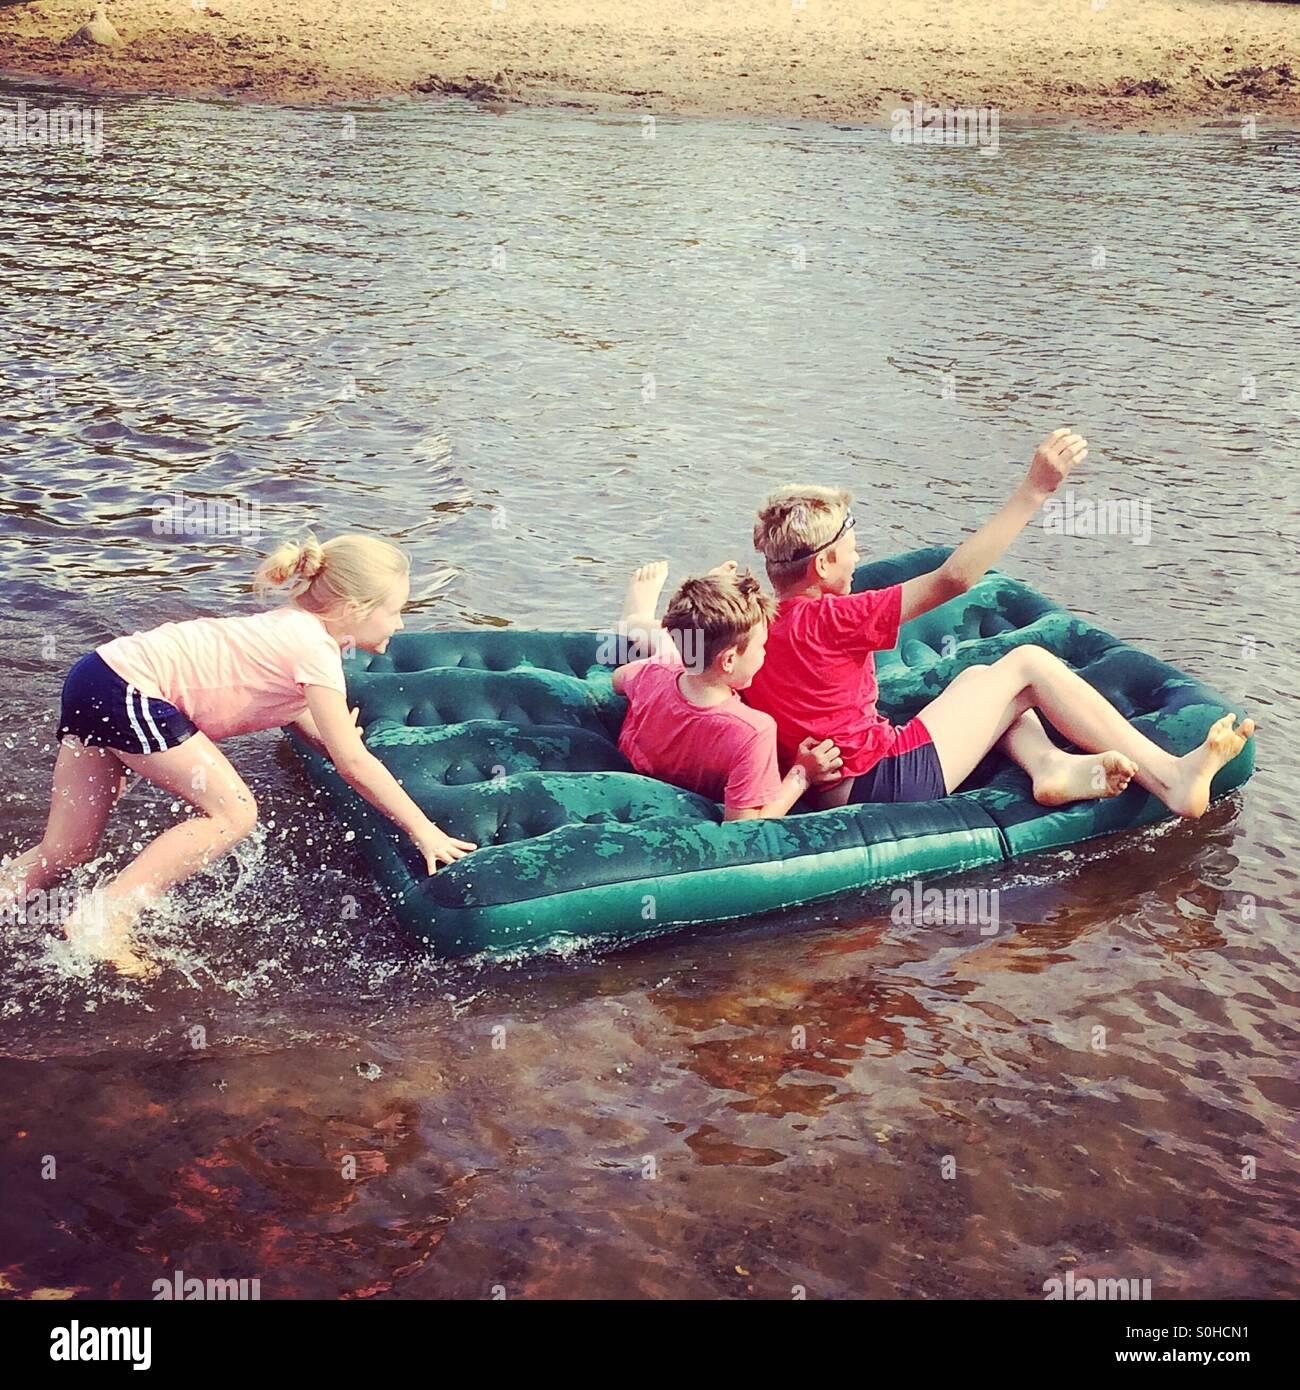 Les enfants s'amusant sur la rivière Photo Stock